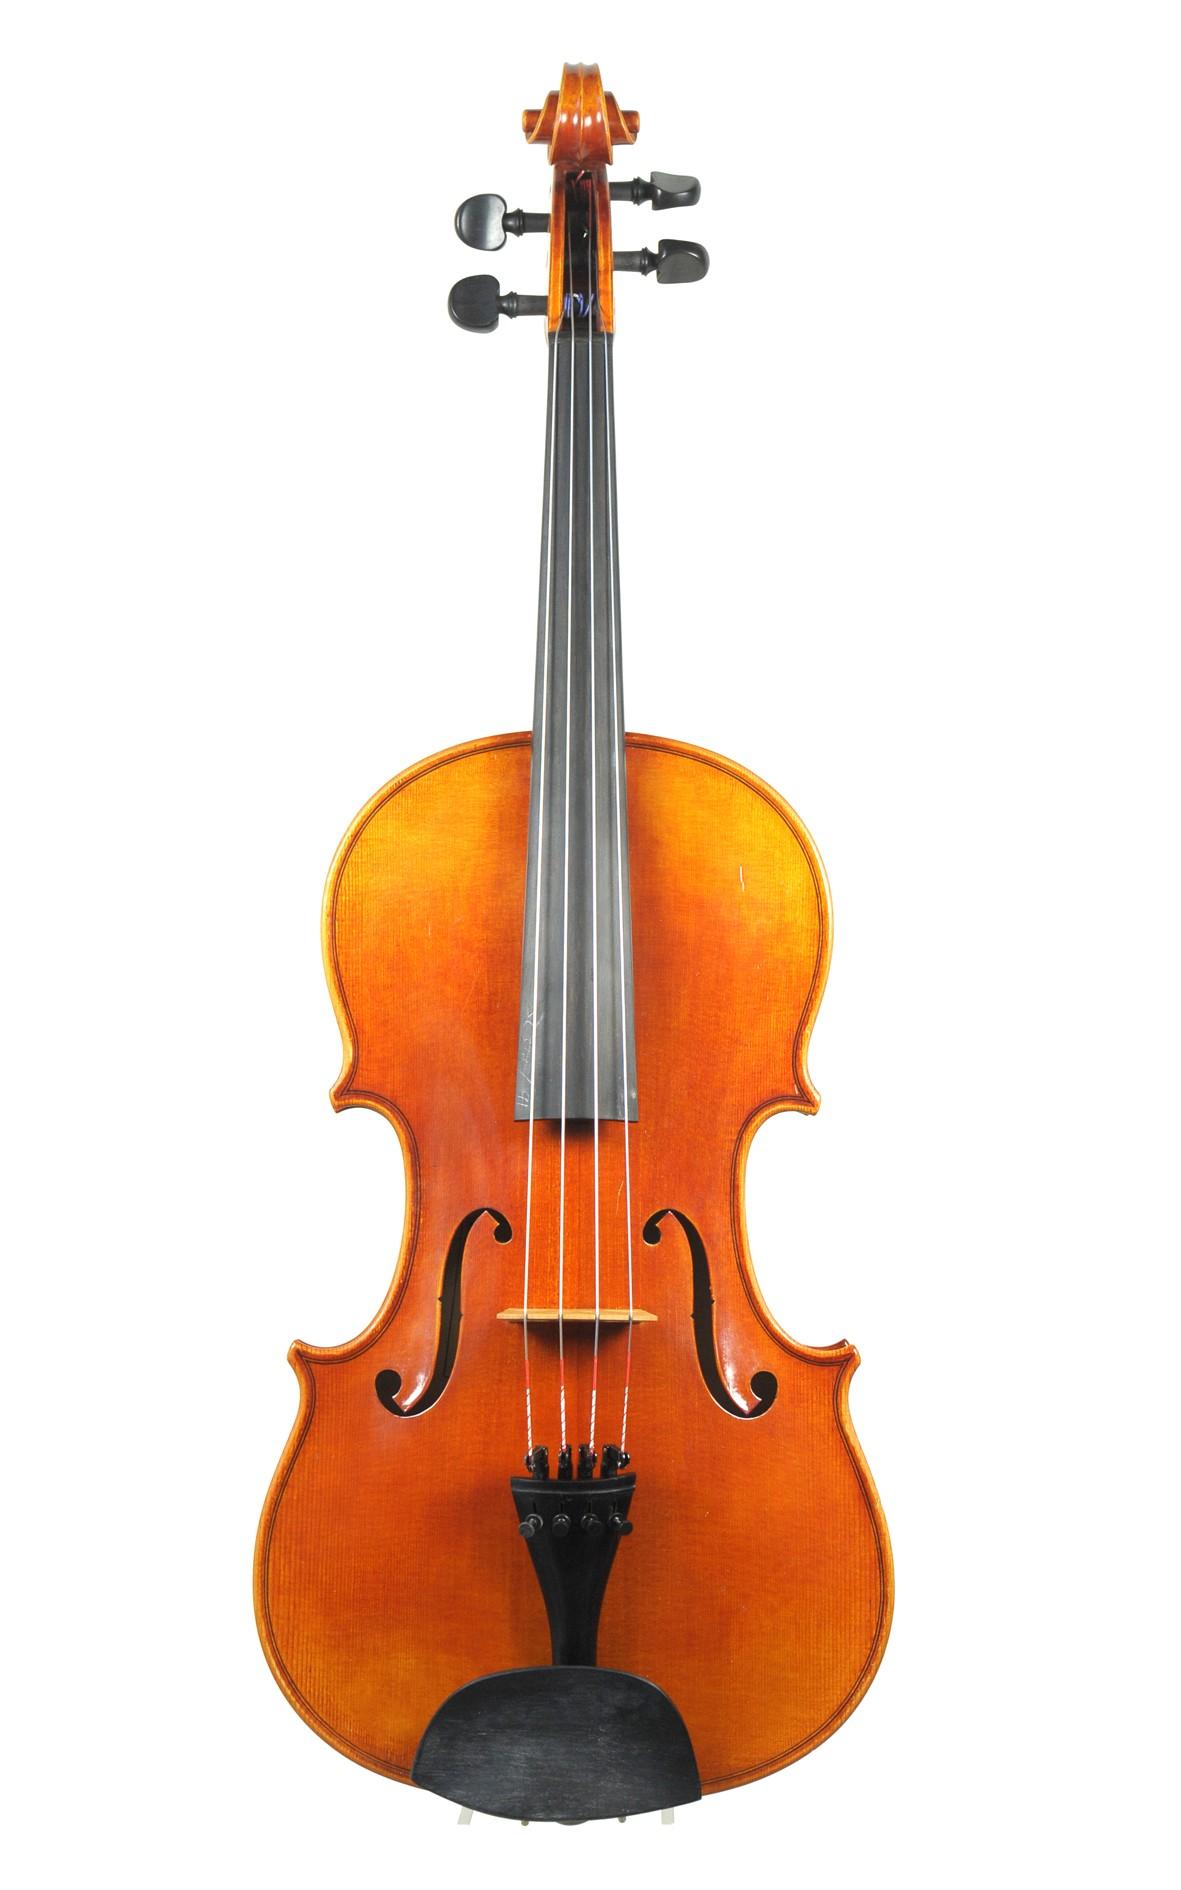 German master viola No. 19, Klaus Schlegel, Erlbach / Markneukirchen - top